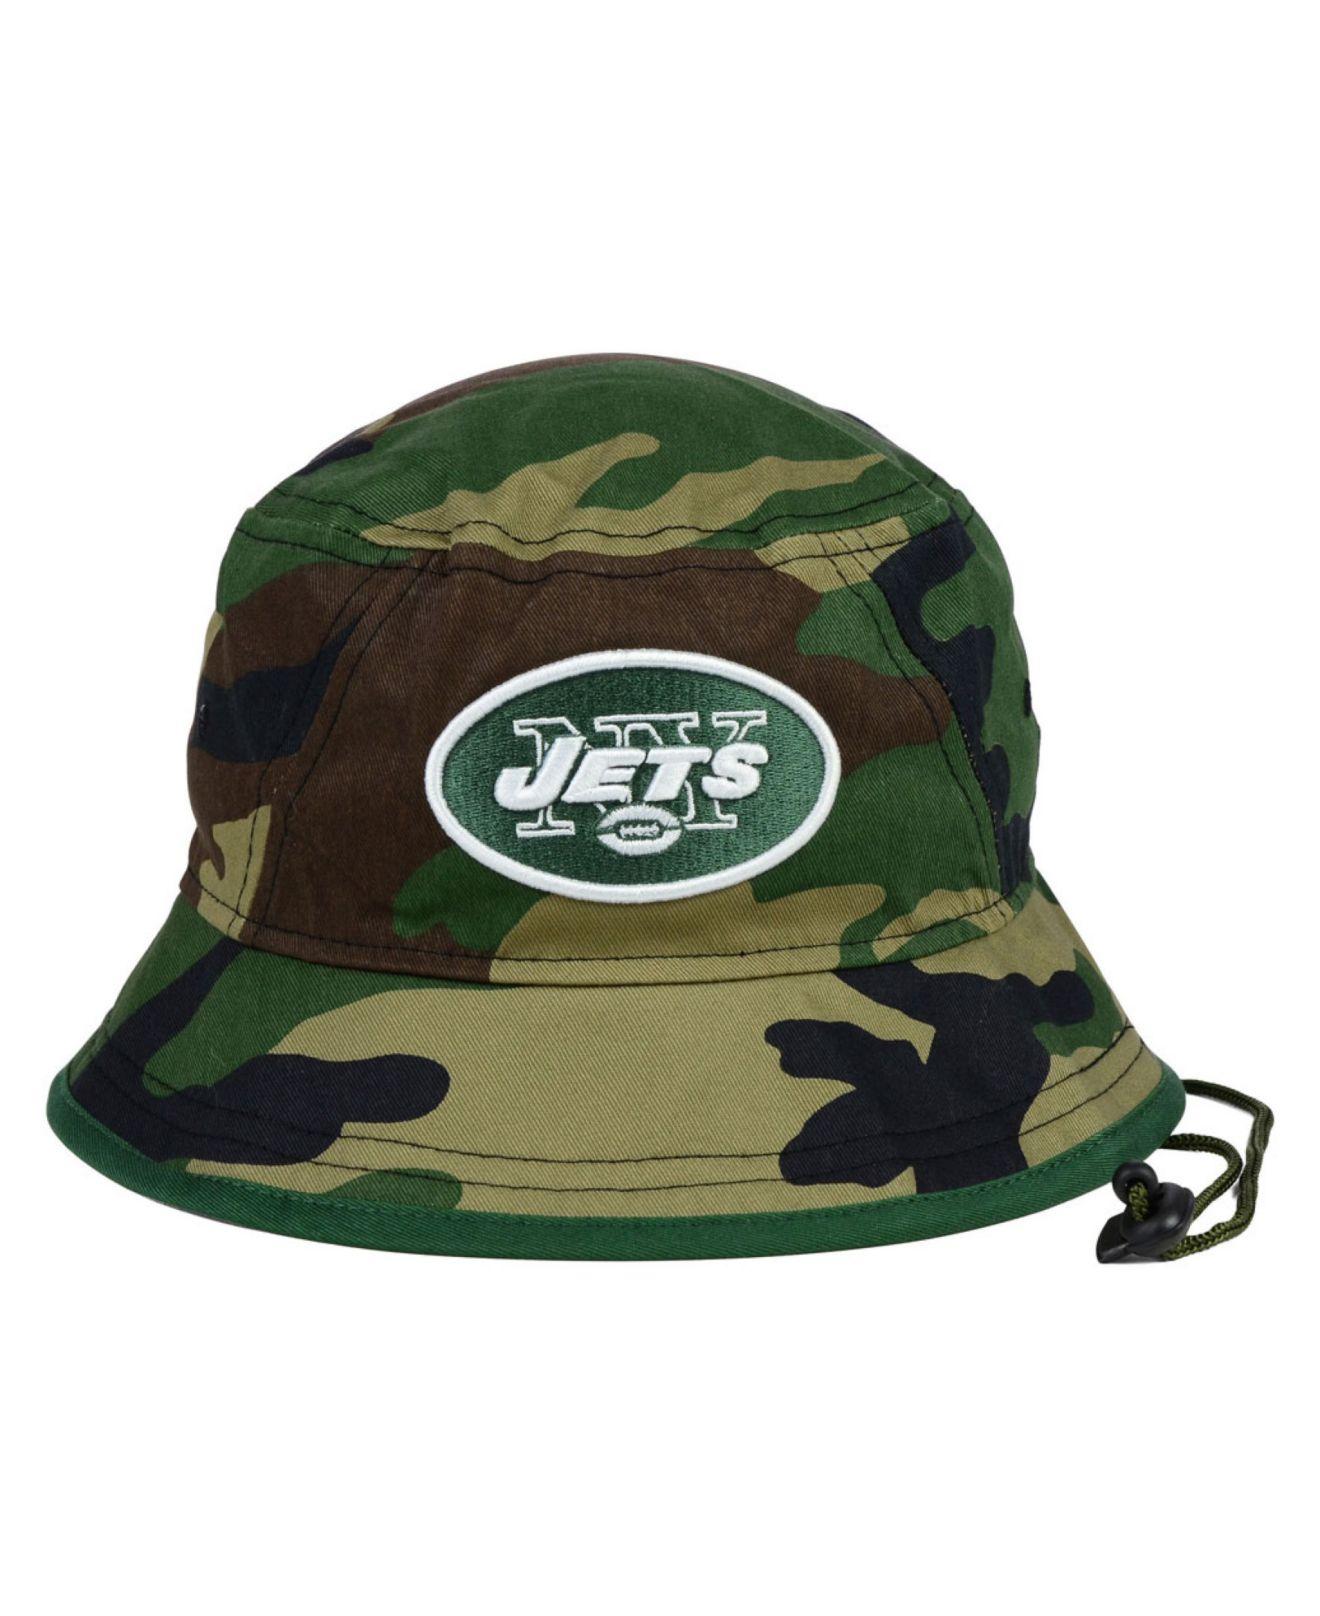 4e76893b shopping new york jets camo hat e5614 df1df